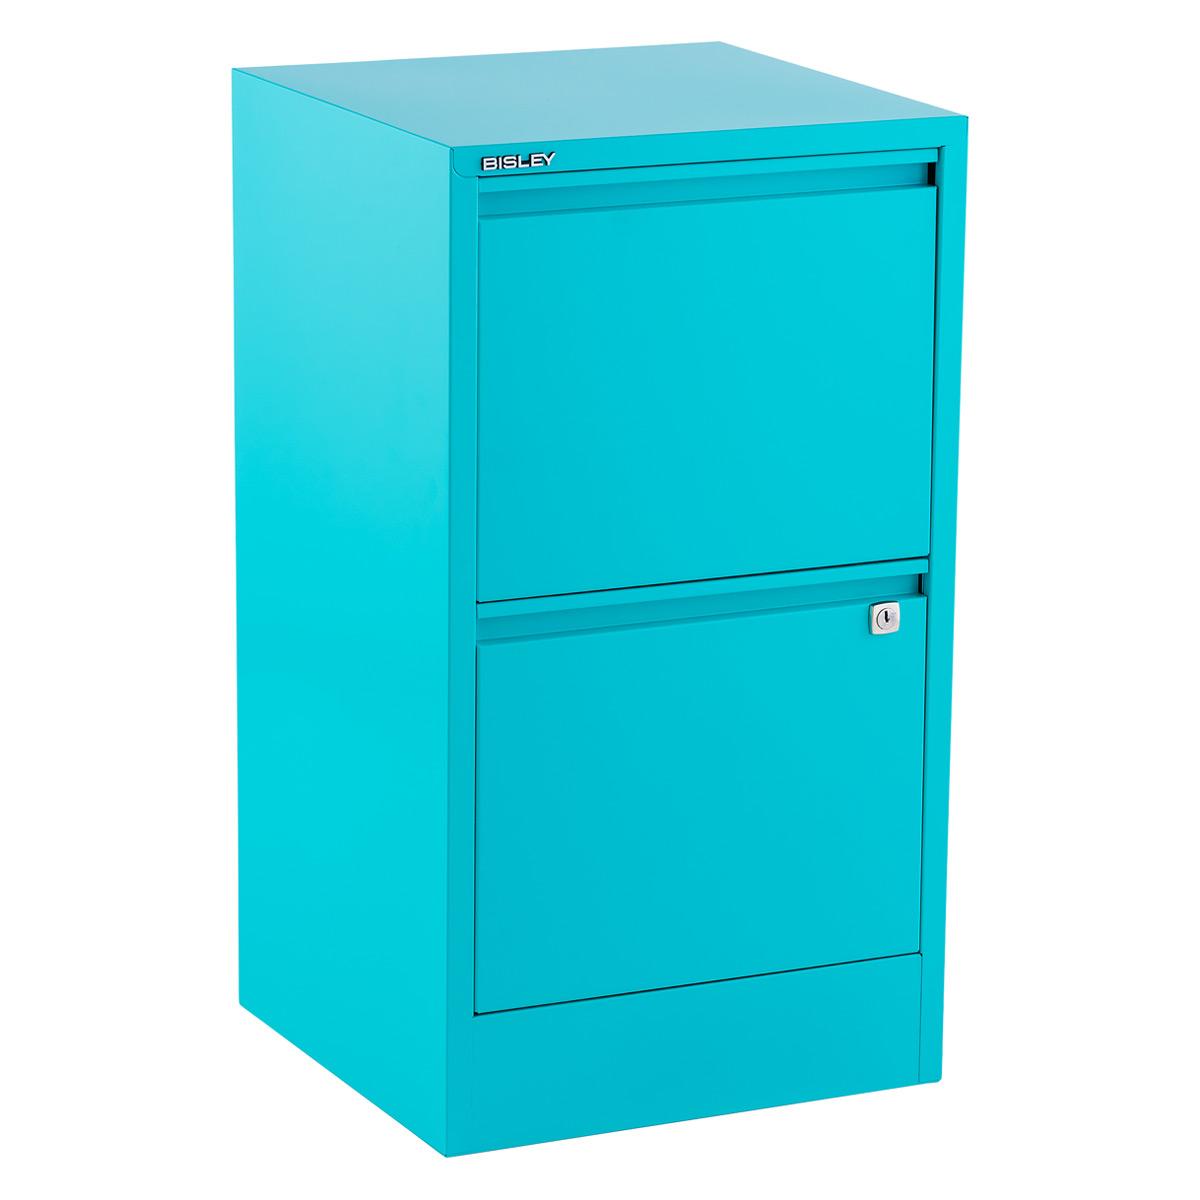 Bisley Aqua 2  U0026 3 Drawer Locking Filing Cabinets